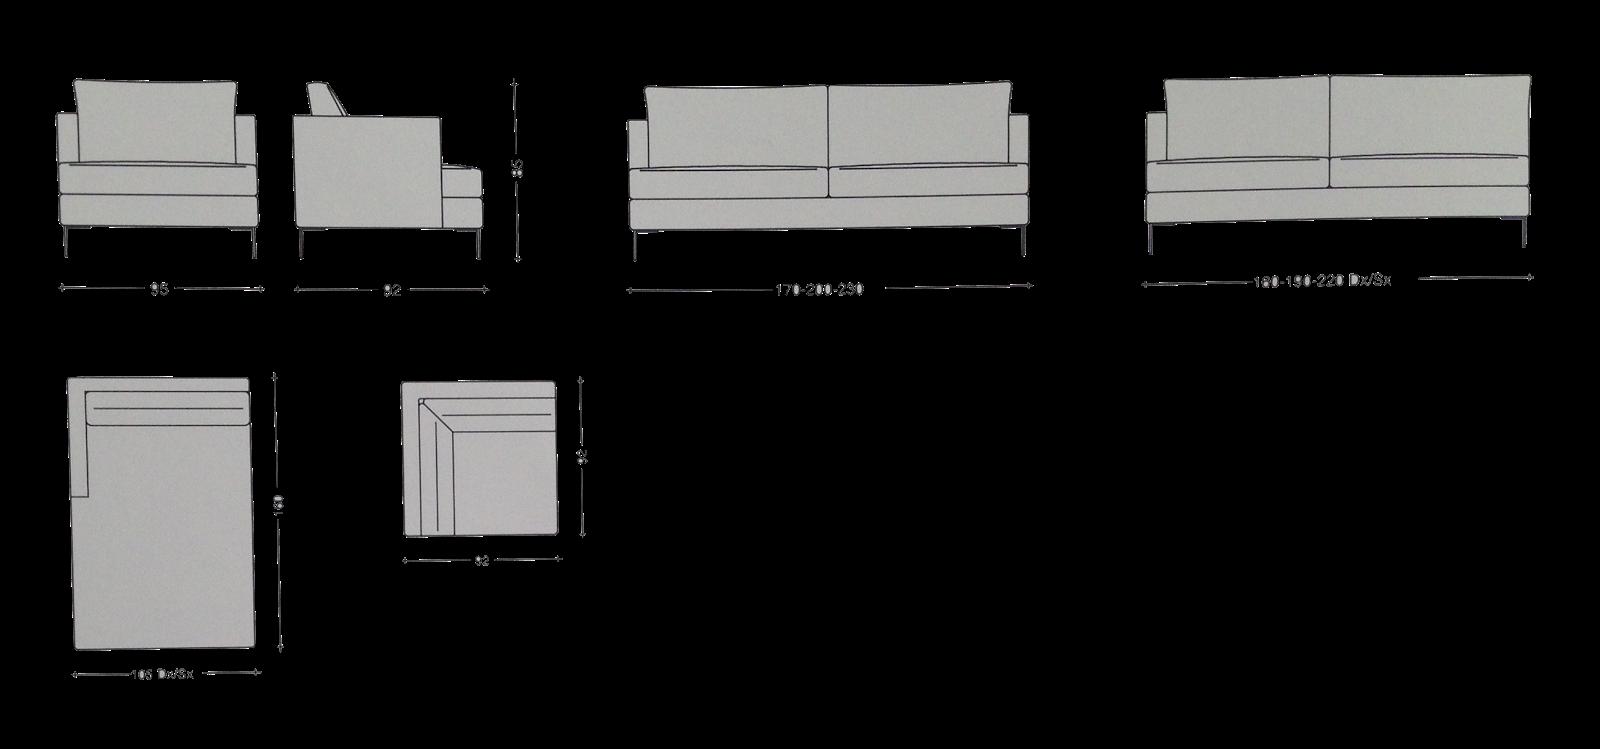 Scheda tecnica divano moderno manhattan tino mariani for Divano disegno